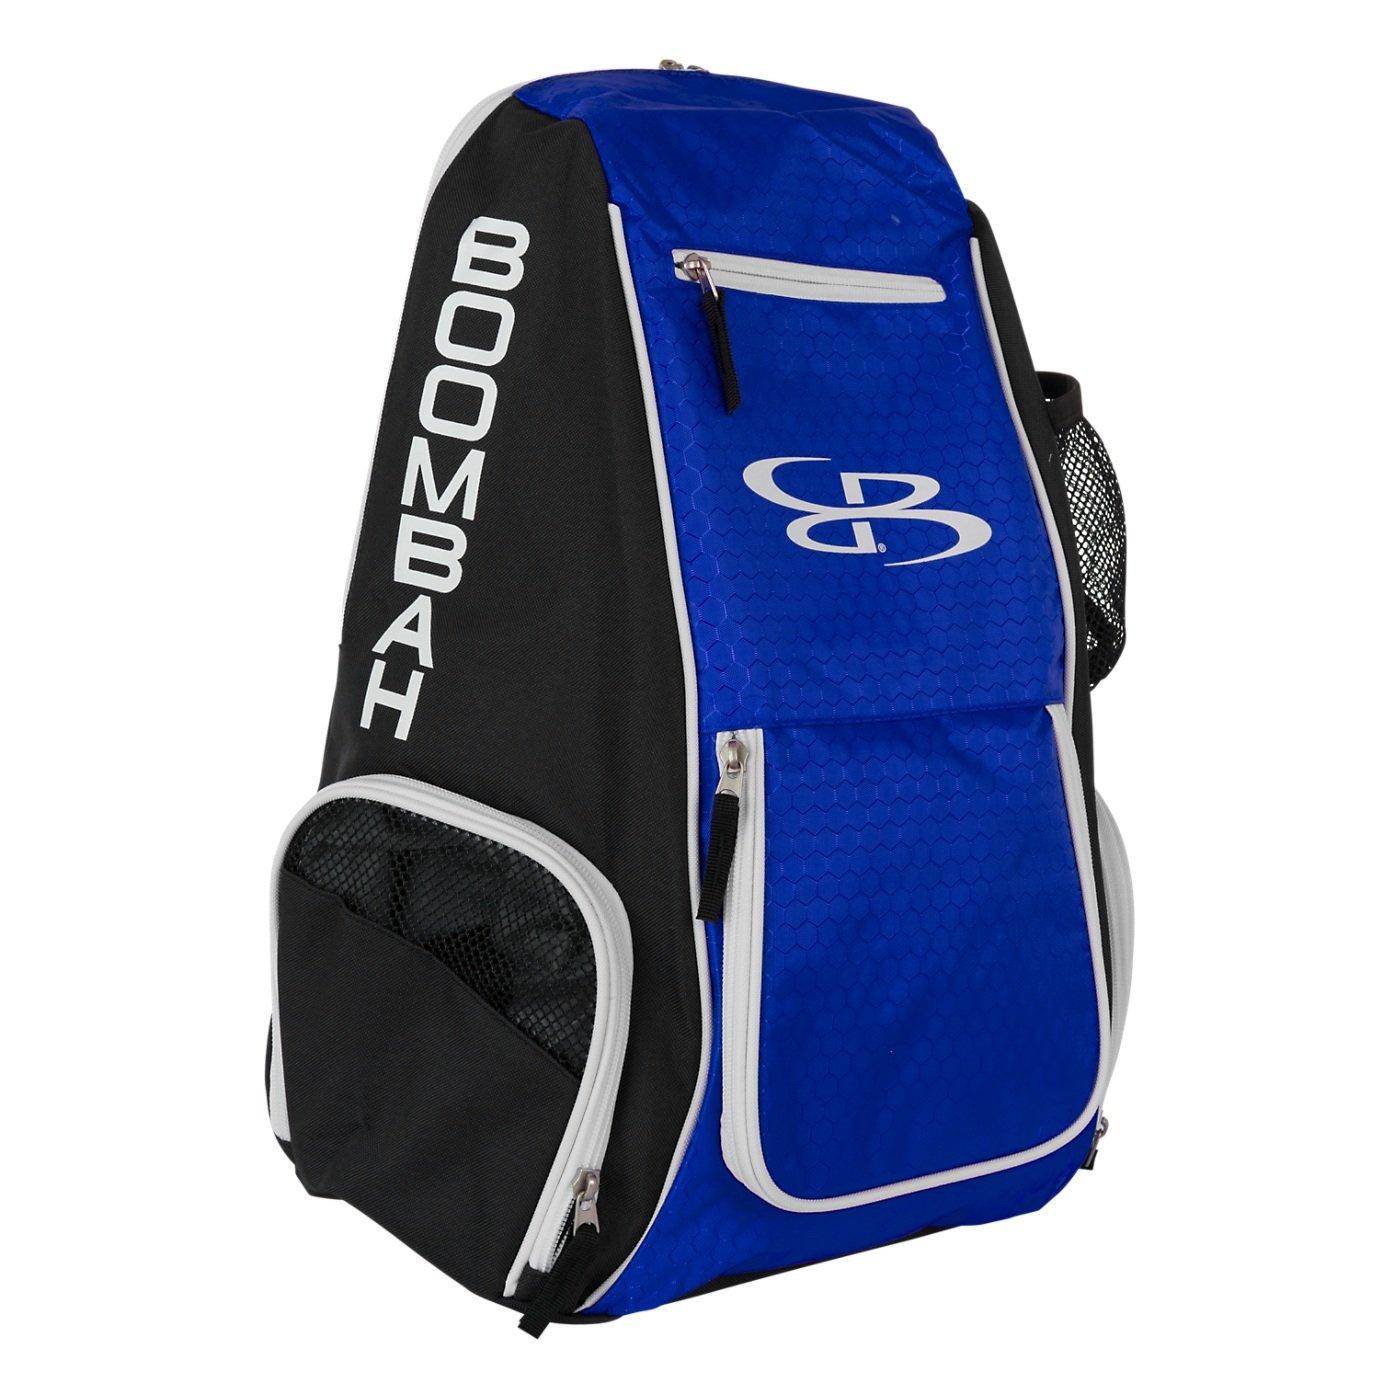 Boombahスパイクバレーボールバックパック – 10カラーオプション – Holdsボール、靴、水ボトルand More B01MSOL1ZD ブラック/ロイヤル(royal) ブラック/ロイヤル(royal)